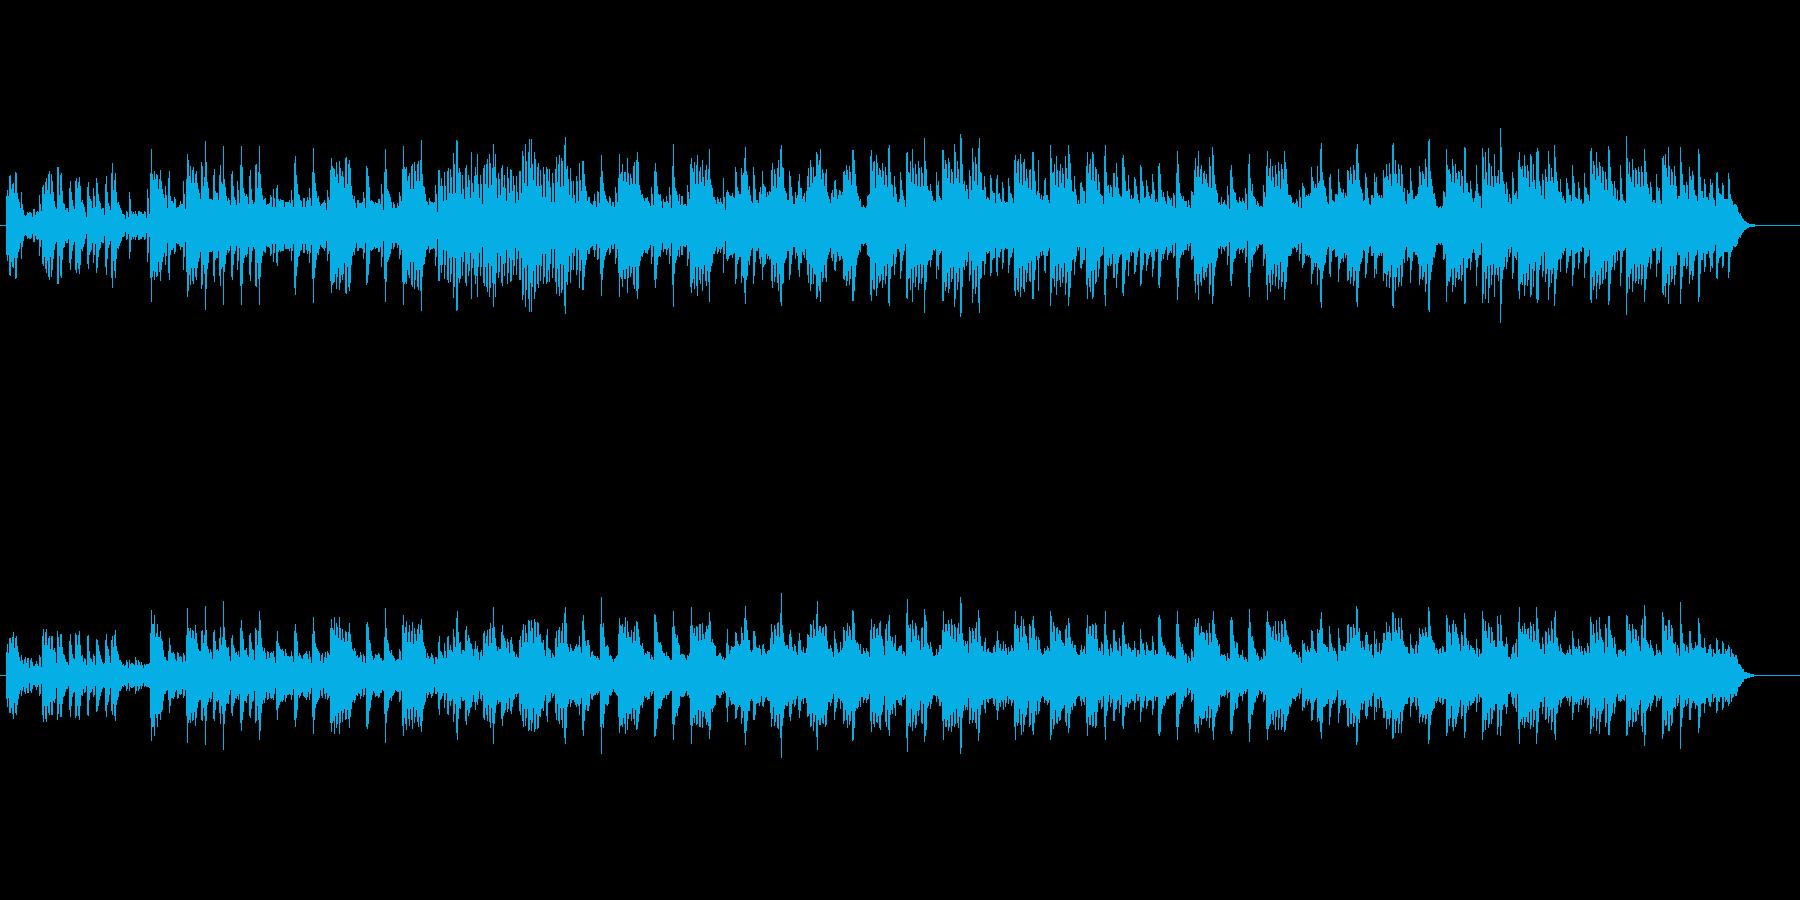 乙女座の淡き星影のオルゴールの再生済みの波形